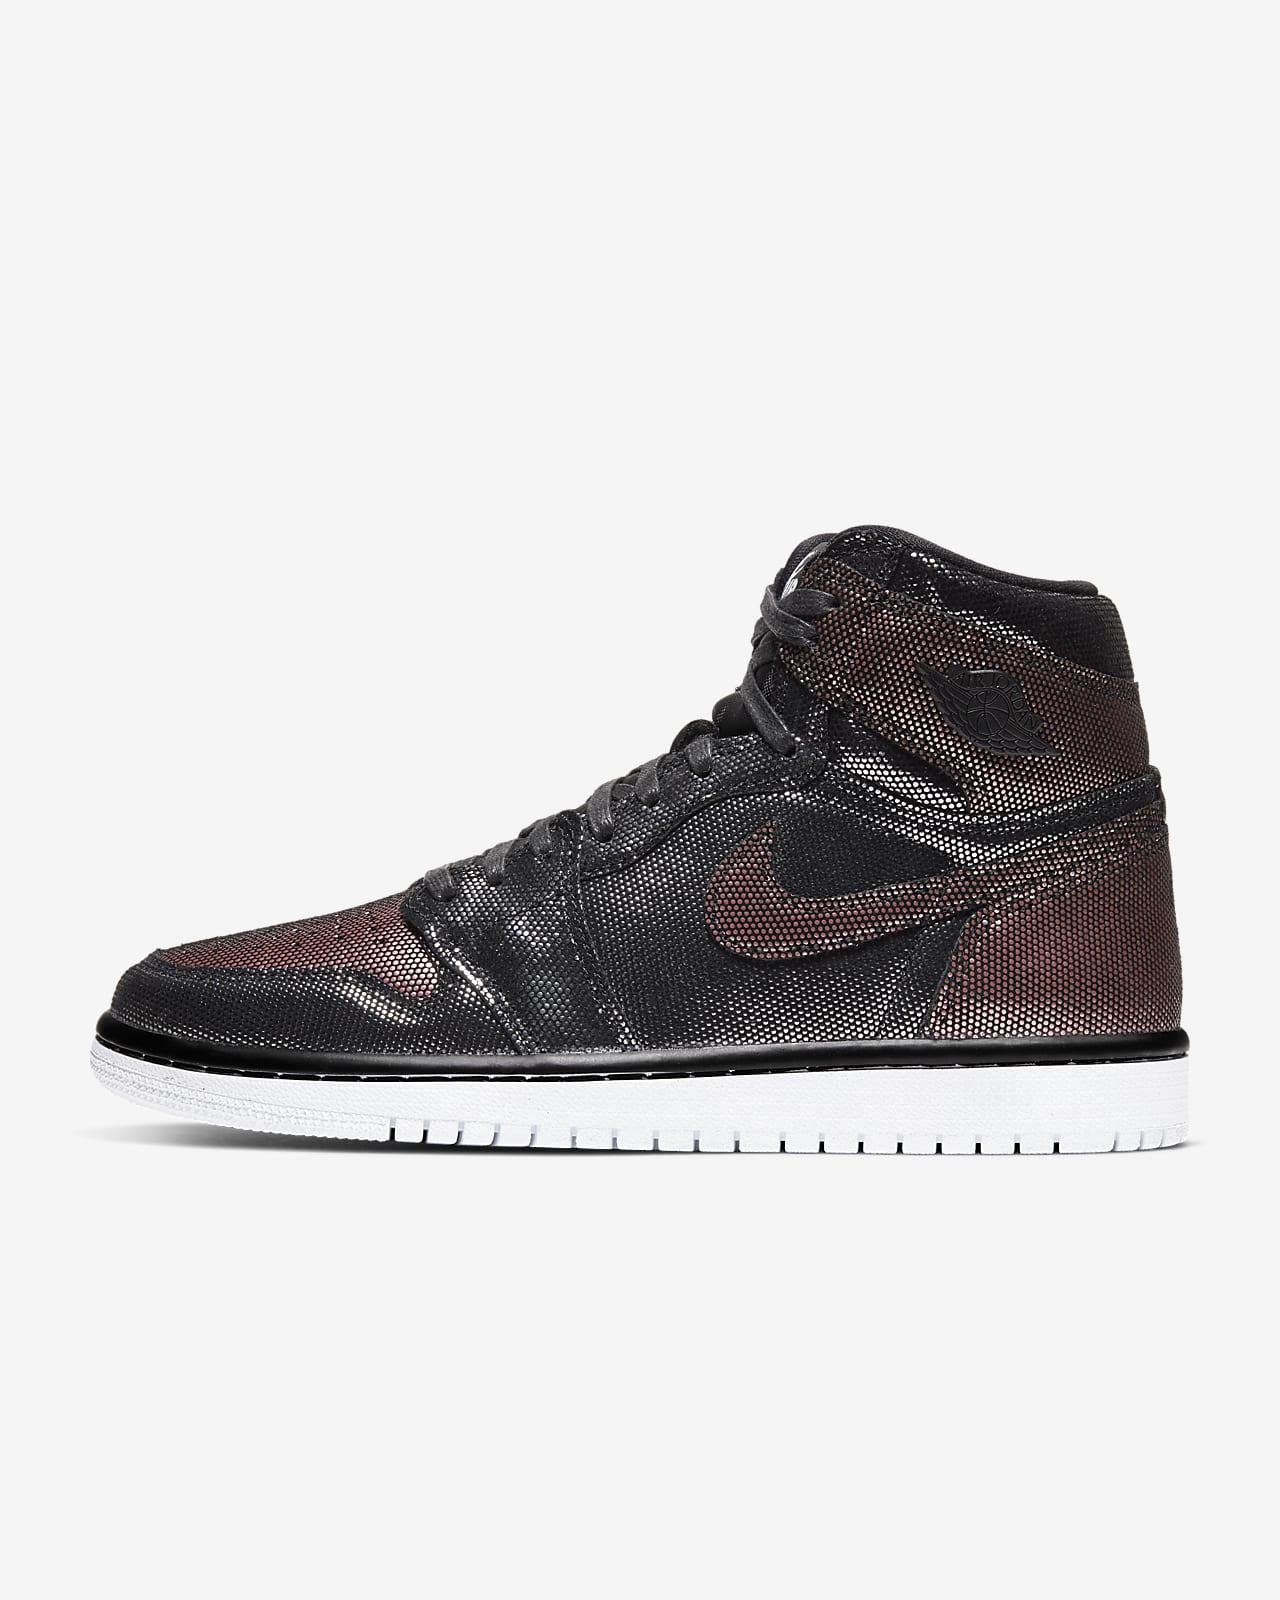 Air Jordan 1 Hi OG Fearless Women's Shoe